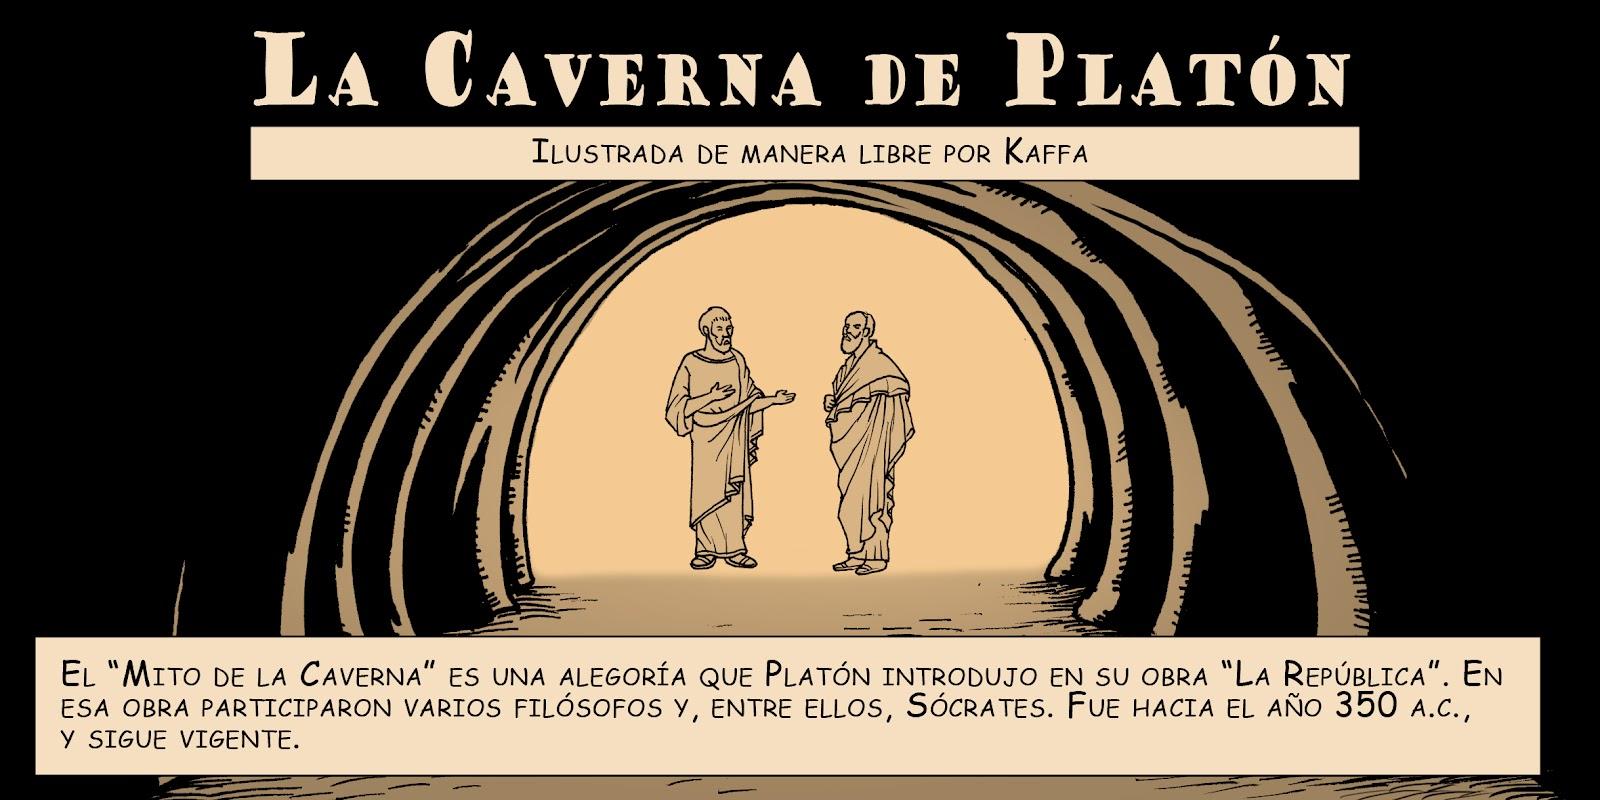 Alegoria de la caverna resumen yahoo dating